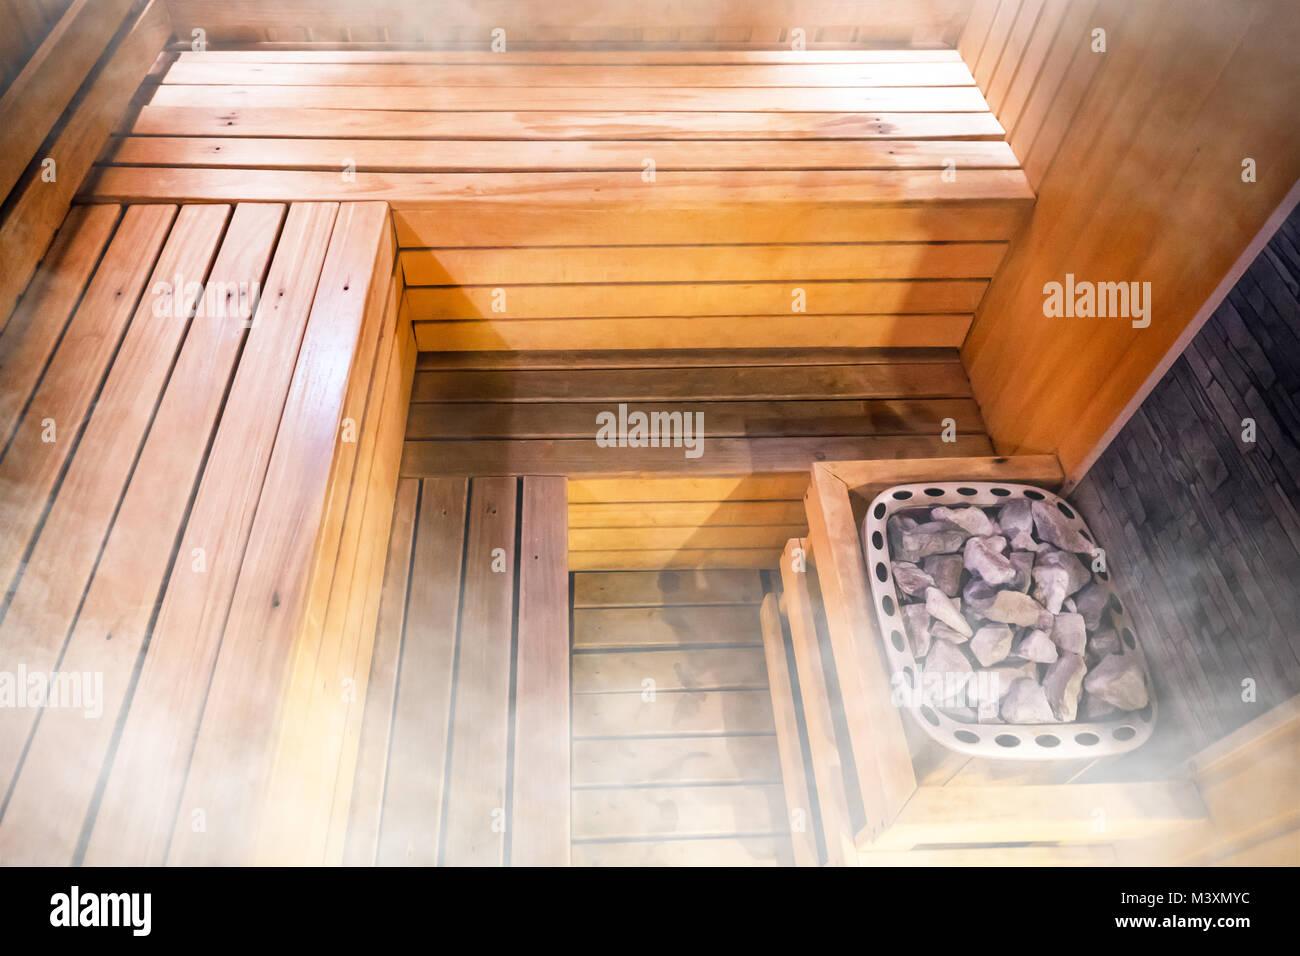 La bellissima natura interno home sauna finlandese sfondo in camera.  all\u0027interno della sauna. Pietre calde nel bagno. sudorazione camera. camera  del vapore